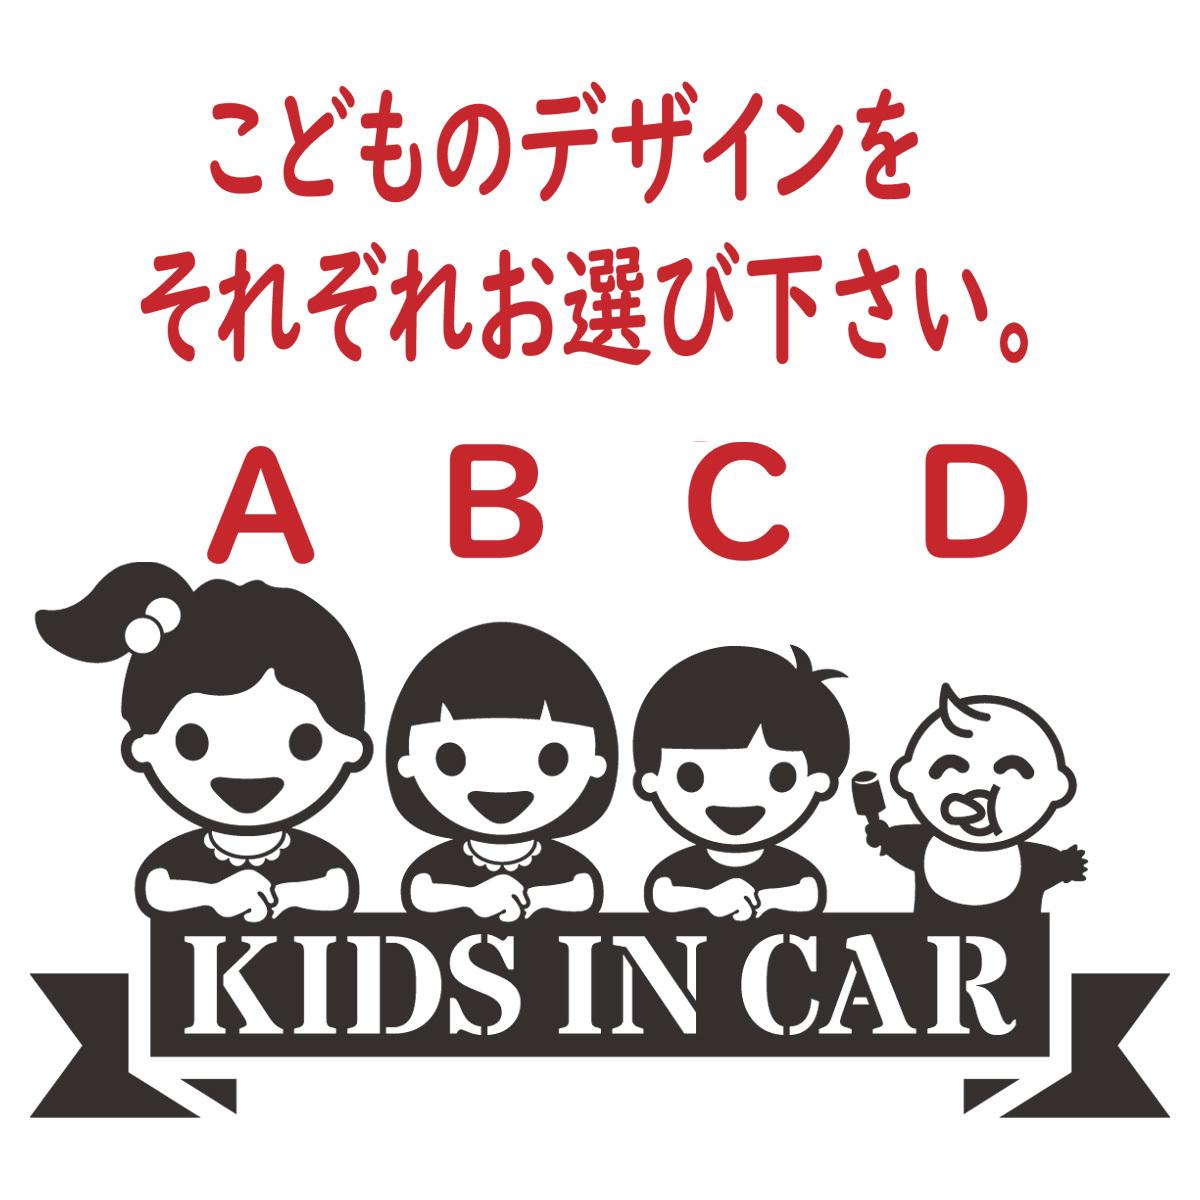 ●4人兄弟・姉妹 KIDSINCAR  ベビーインカーステッカー 選べるかわいい笑顔の子どもデザイン12種類 244_画像2